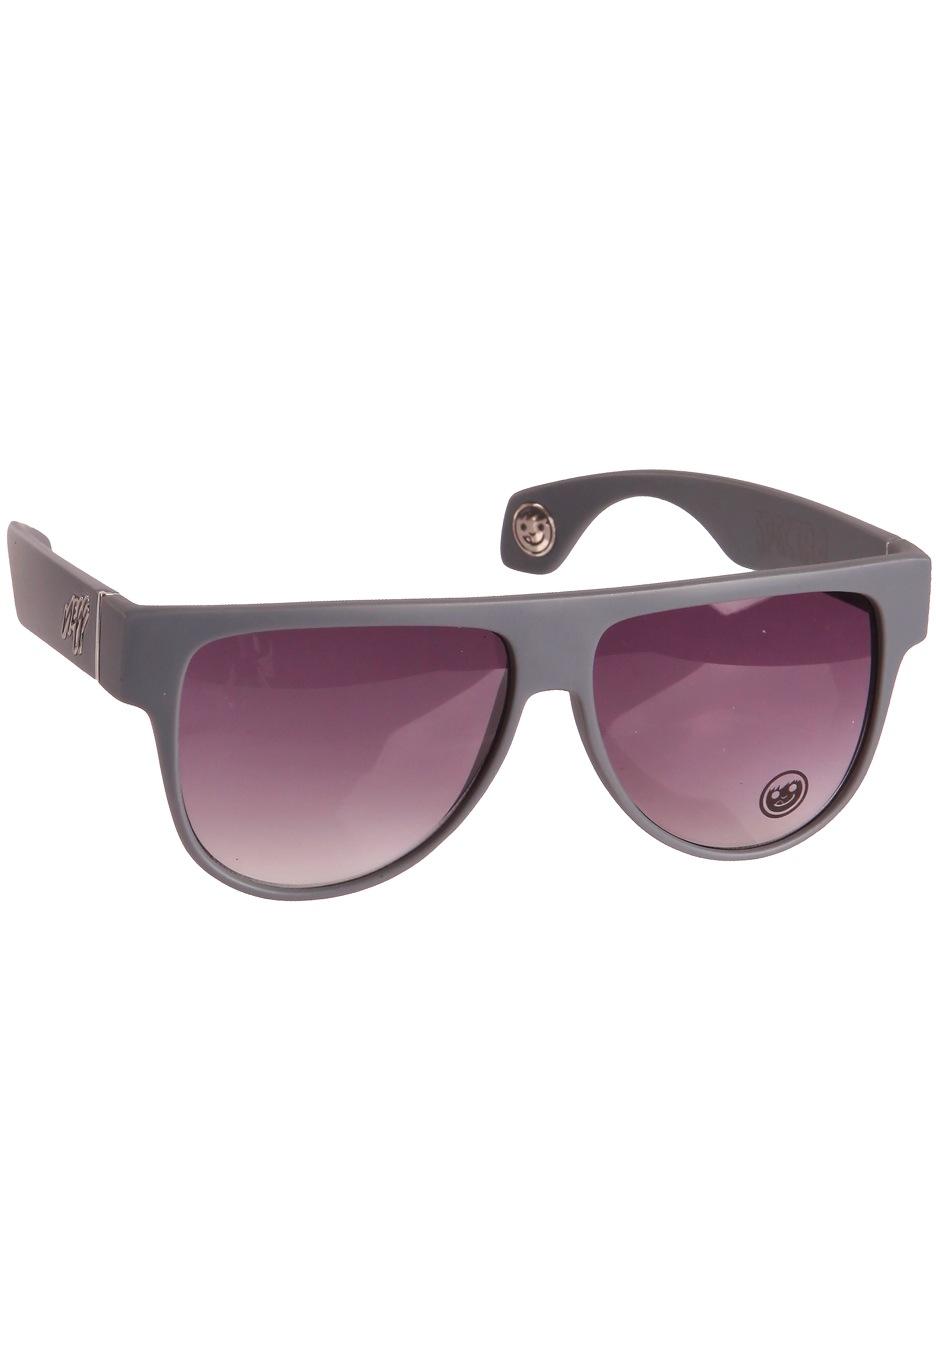 Neff - Spectra Matte Grey - Sunglasses - Impericon.com AU 516e2c6219c8c